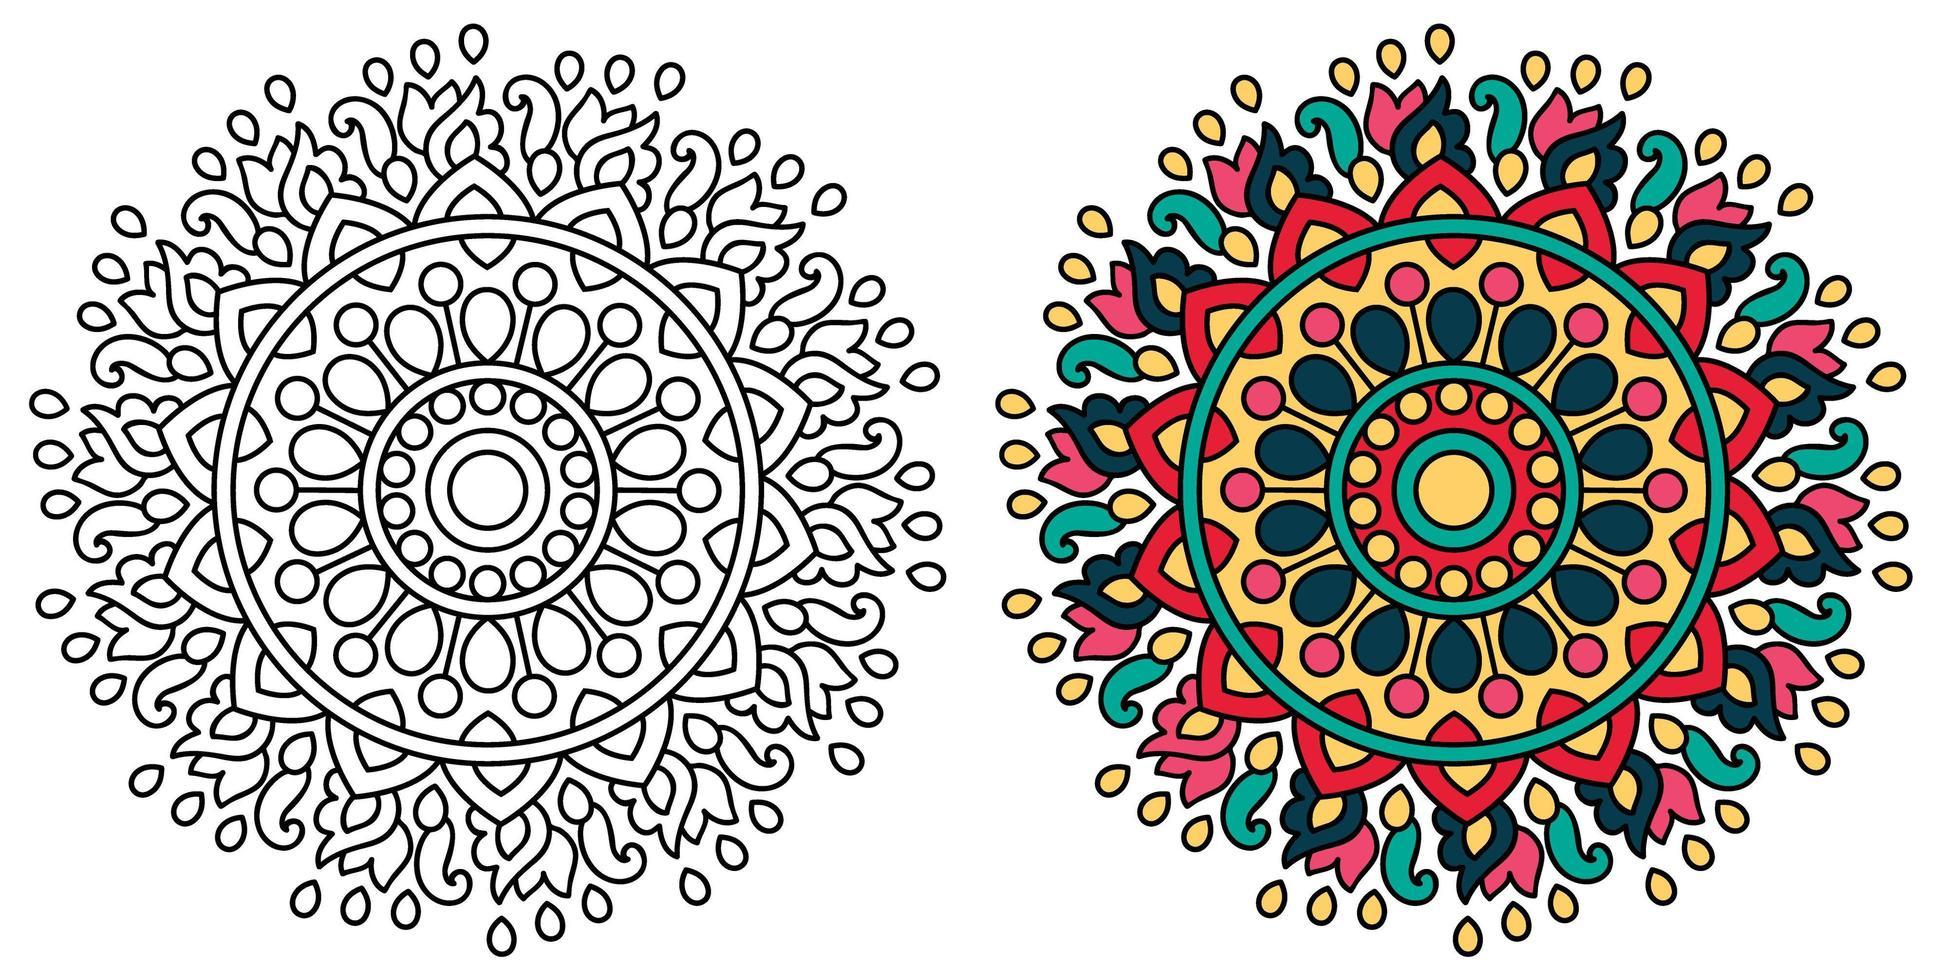 desenho de mandala para colorir decorativo arredondado decorativo livro de colorir vetor